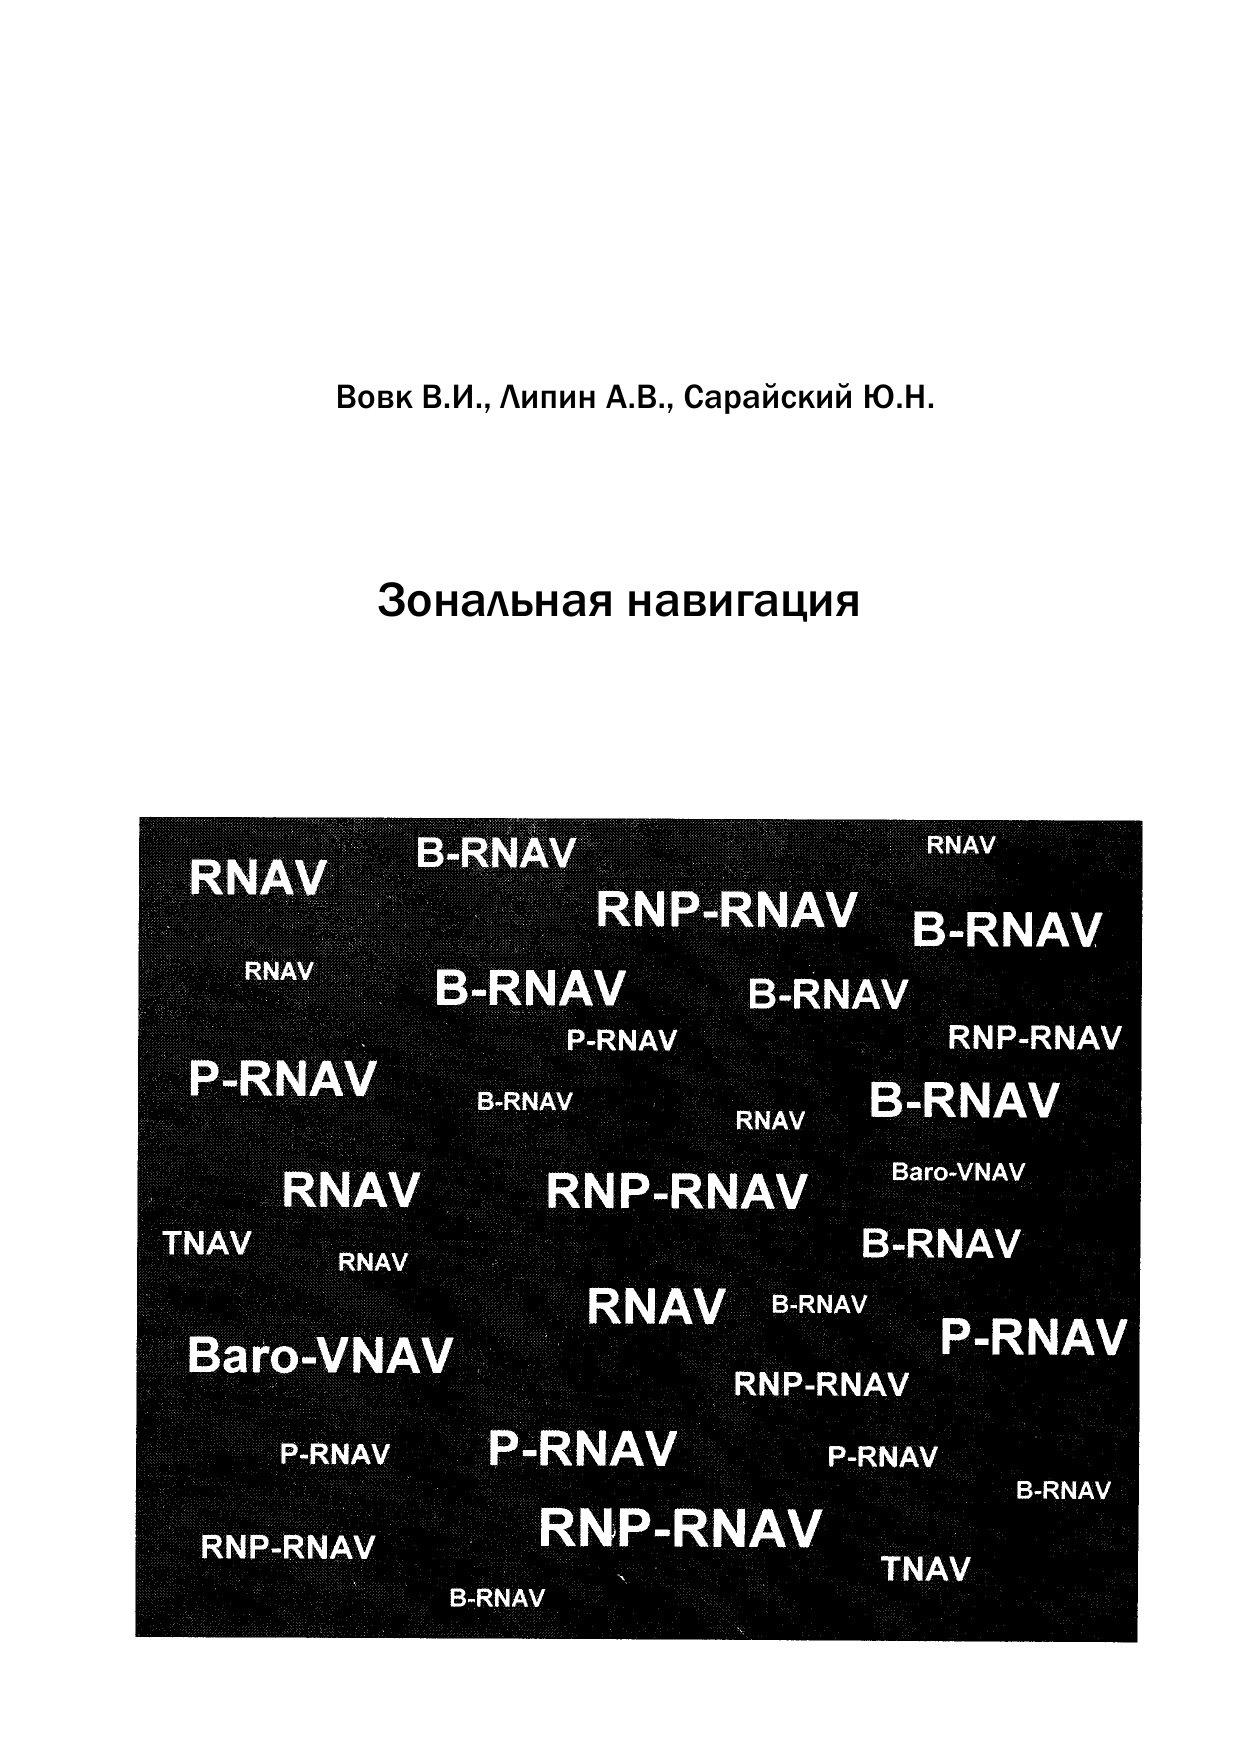 Обложка книги Зональная навигация (Вовк В.И., Липин А.В., Сарайский Ю.Н)